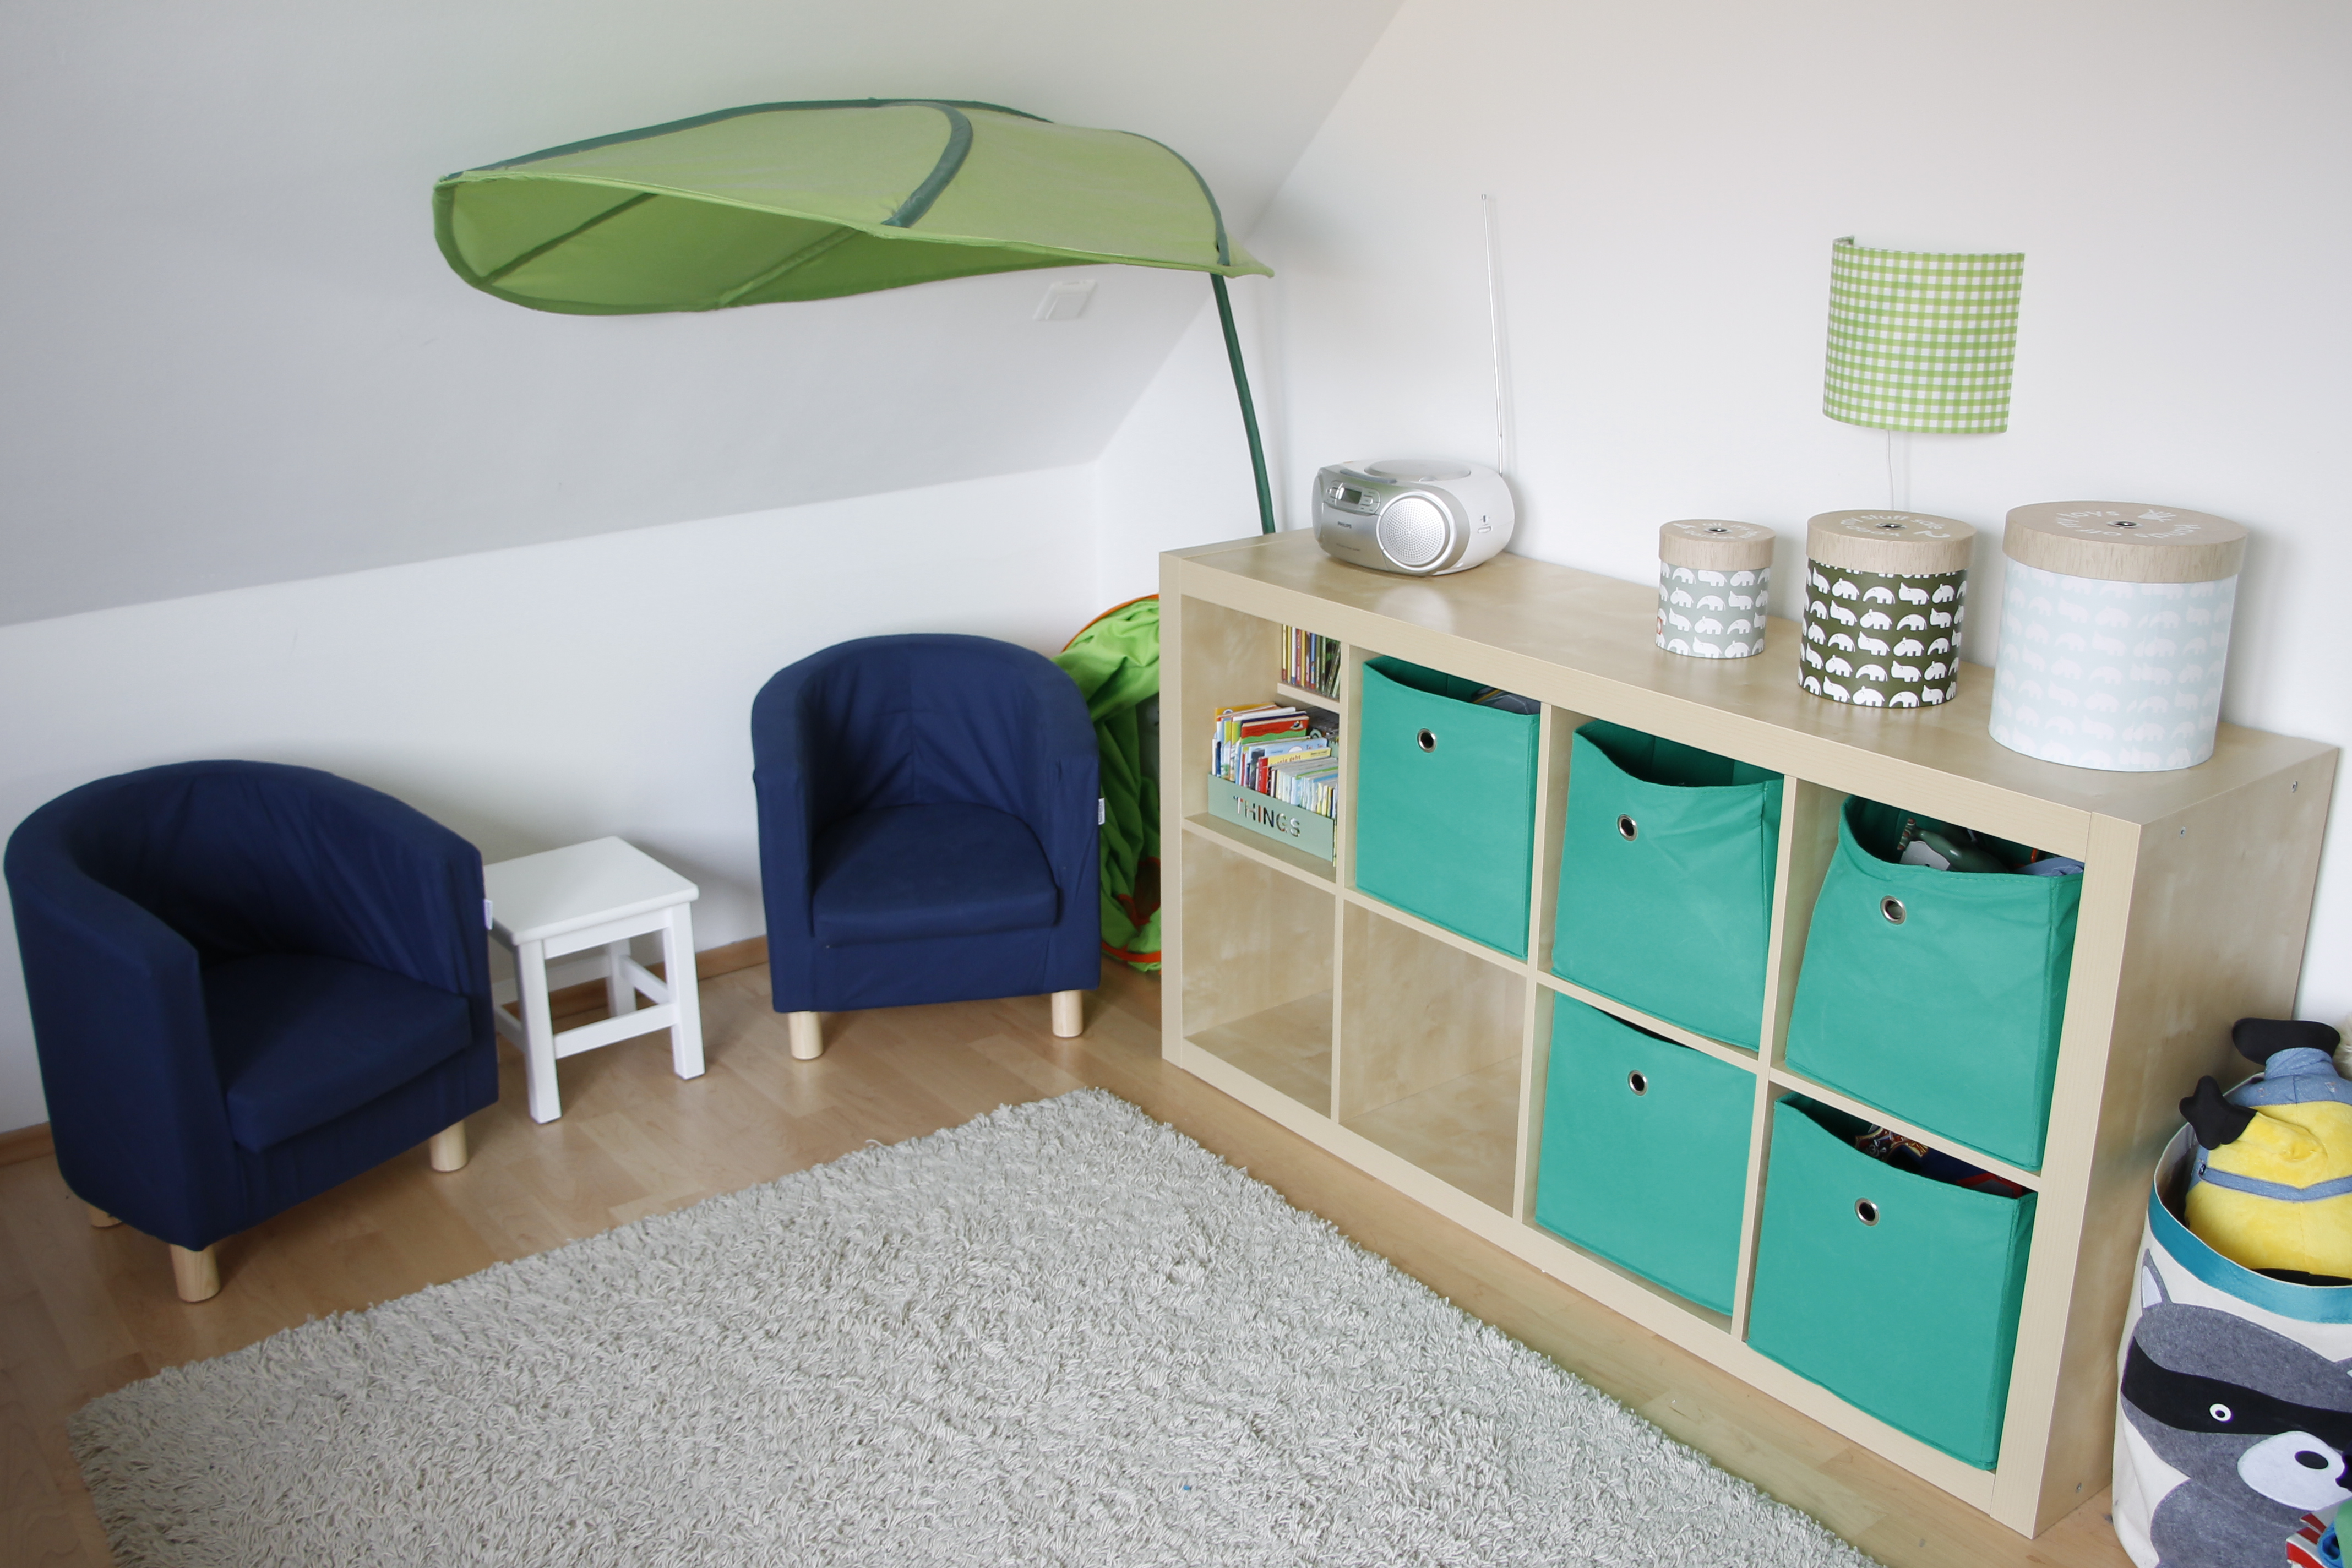 Charmant Unsere Tipps Zum Kinderzimmer Einrichten. 1. Kinderzimmermöbel Auswählen